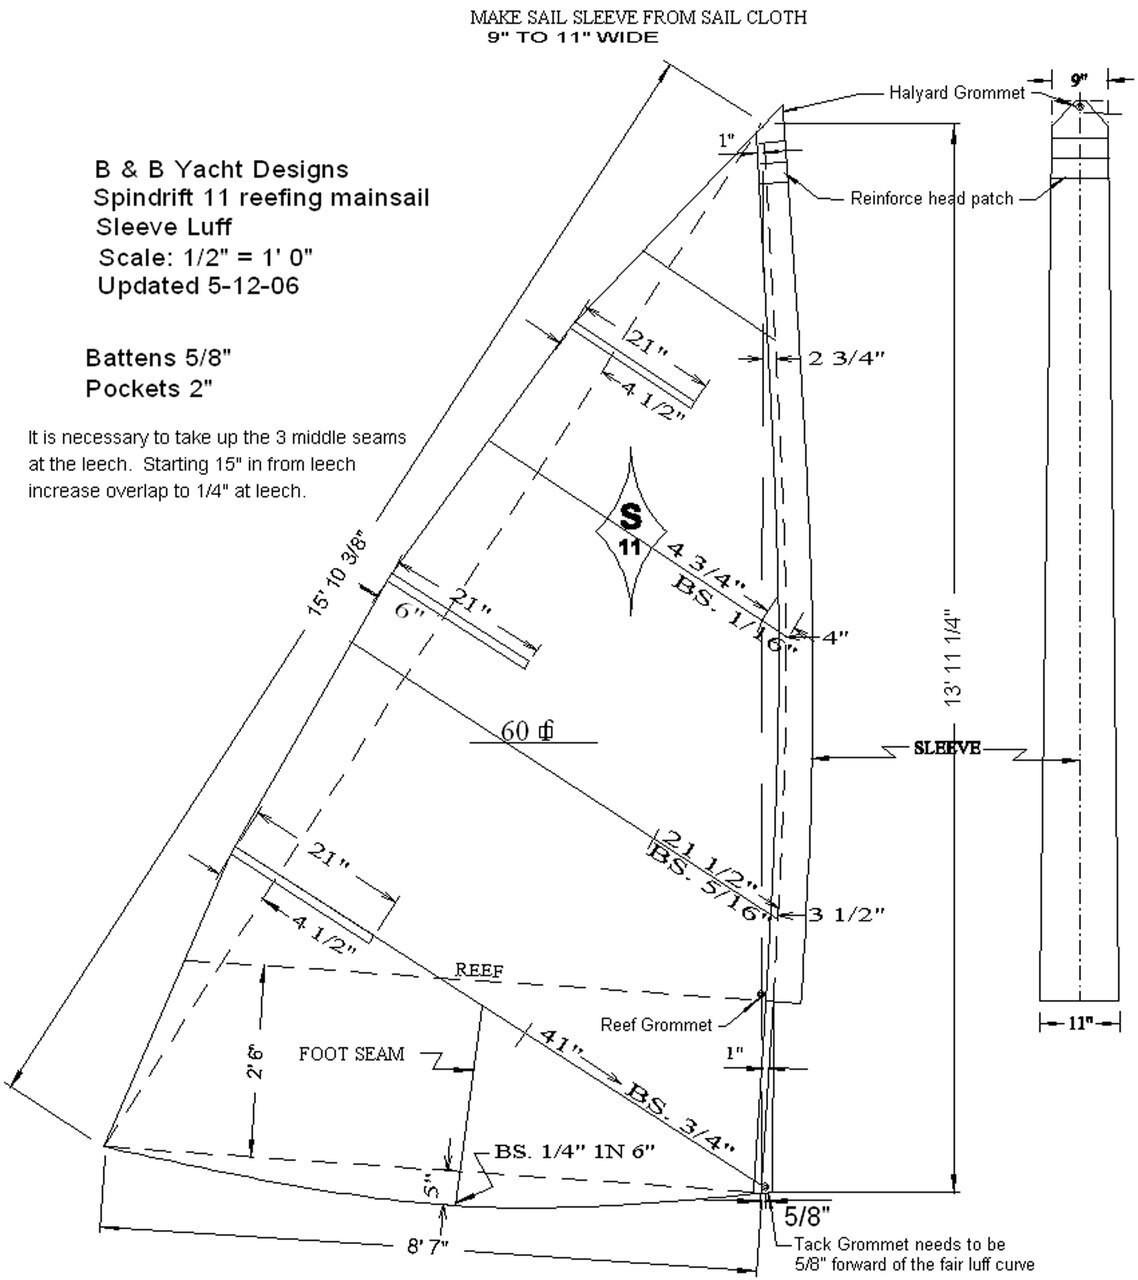 Spindrift 9 Reefing Mainsail